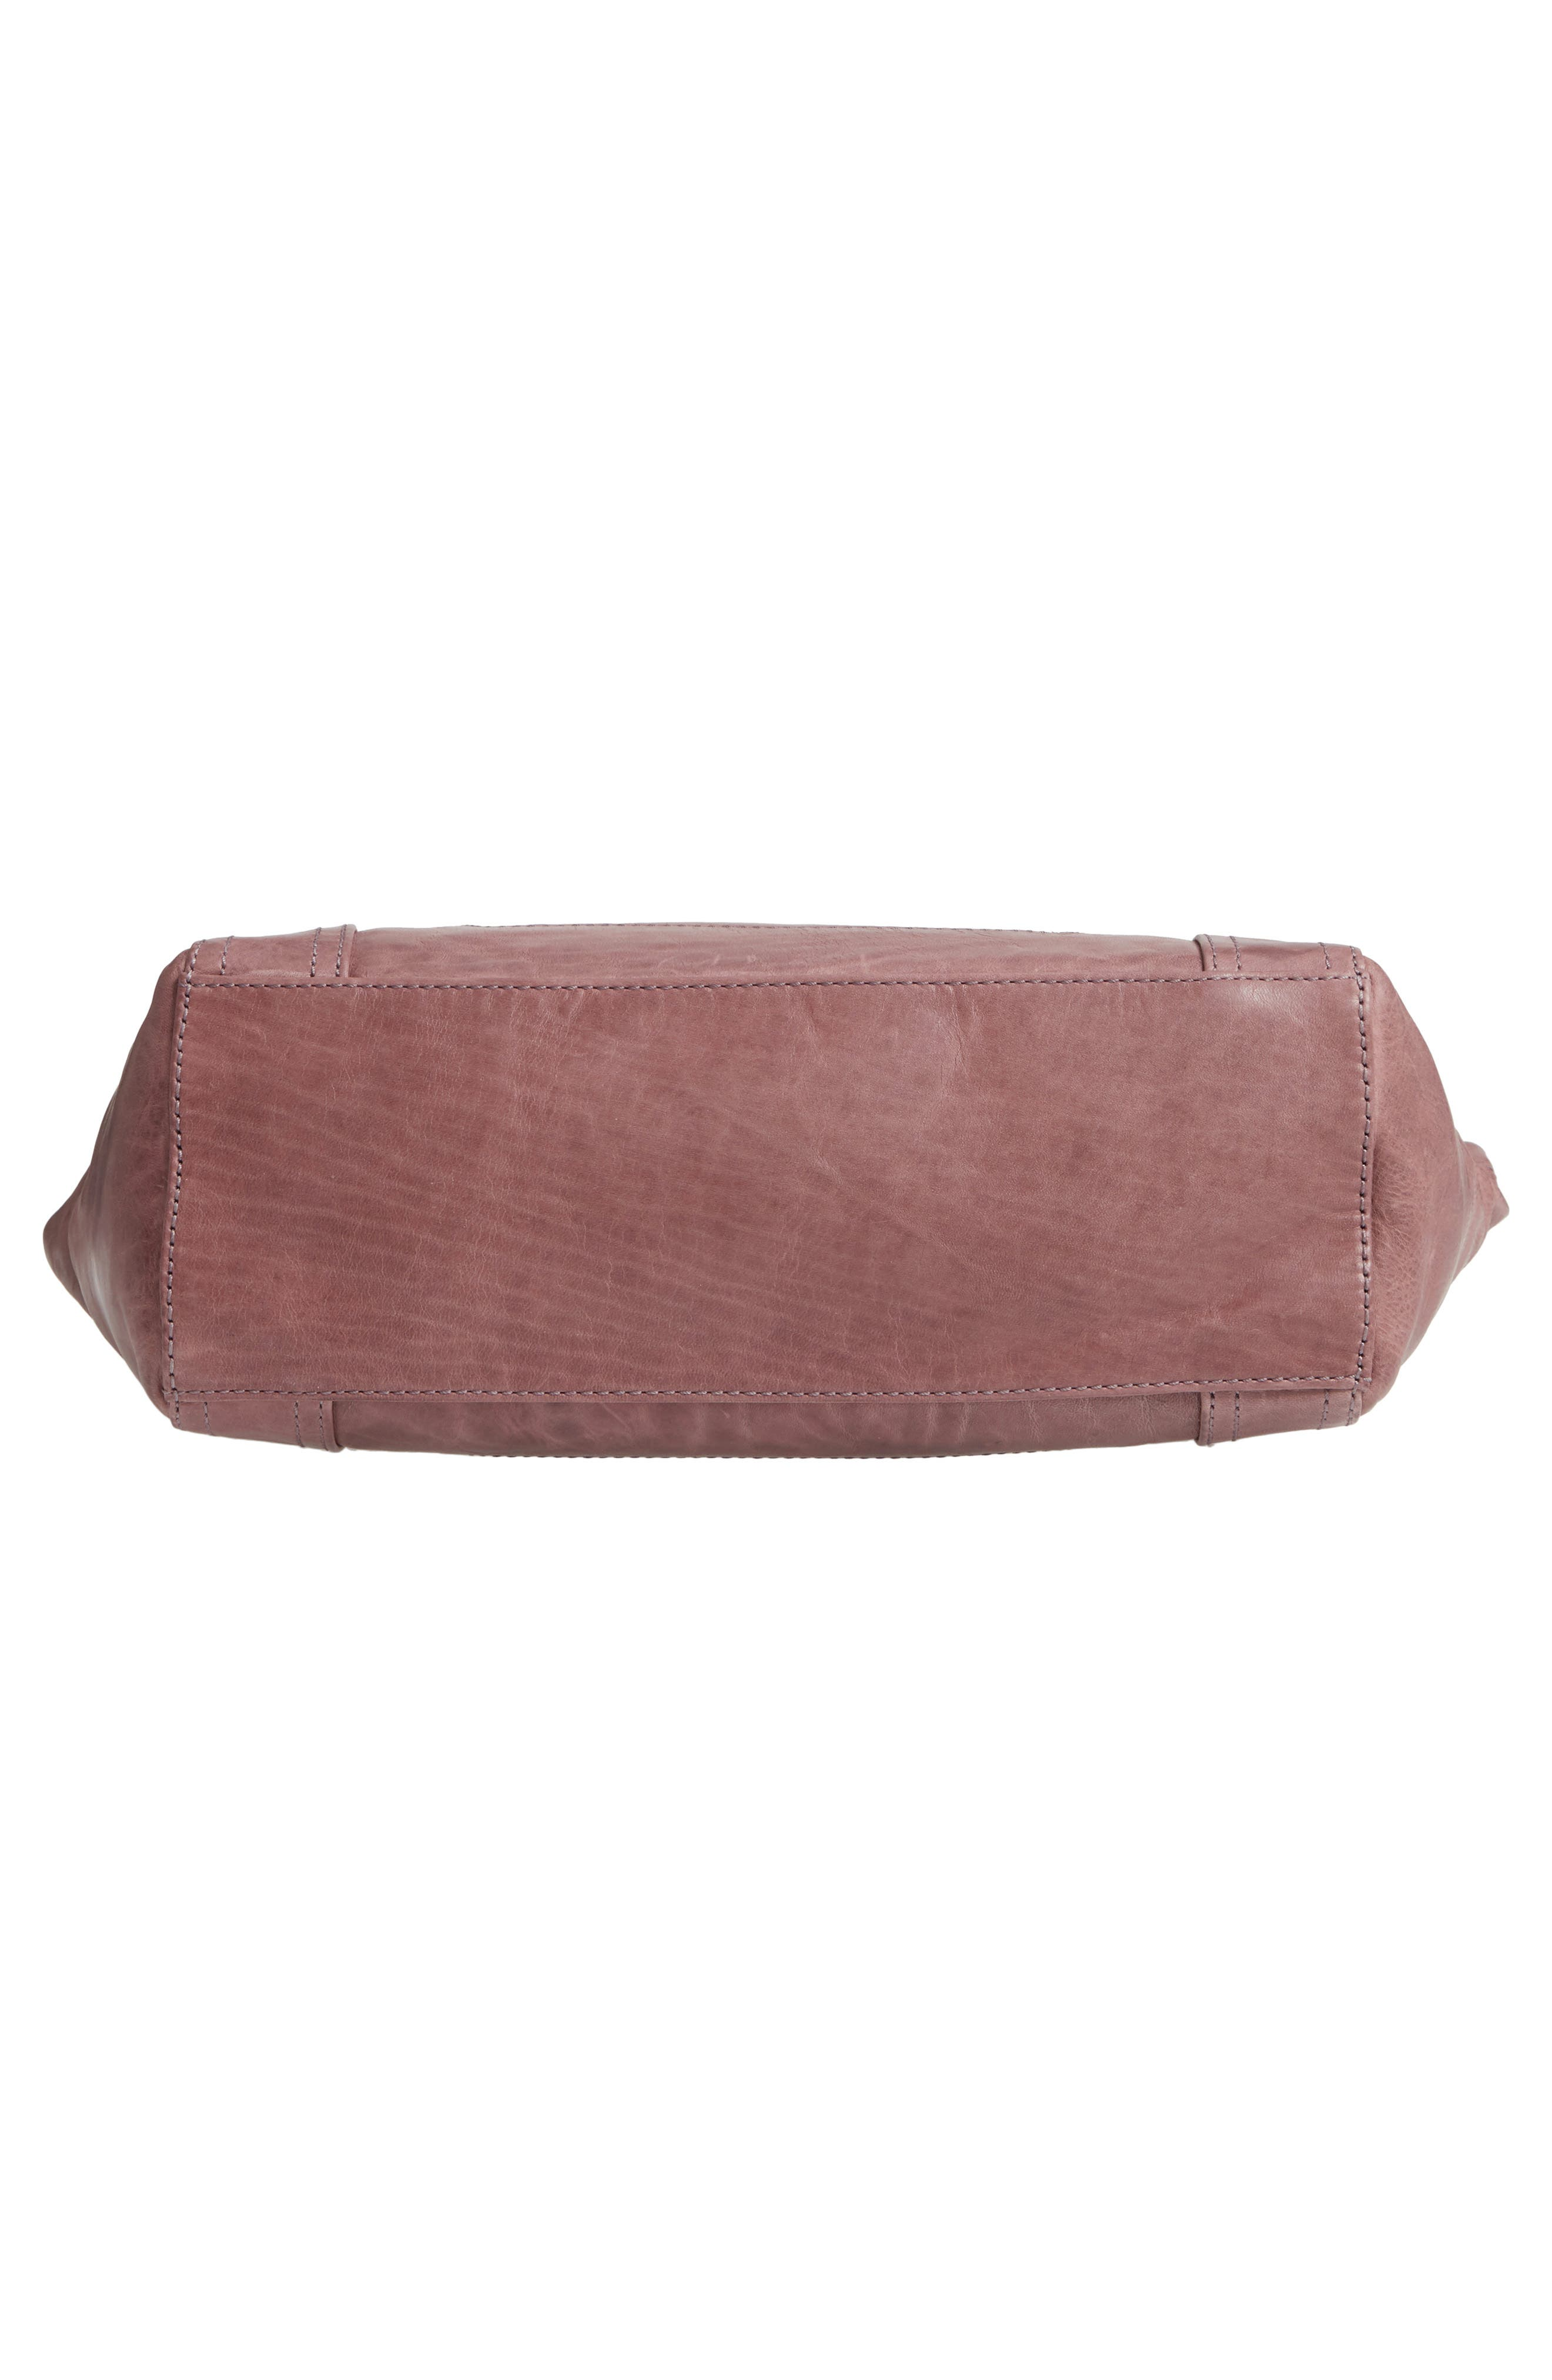 FRYE, Melissa Leather Shoulder Bag, Alternate thumbnail 7, color, LILAC